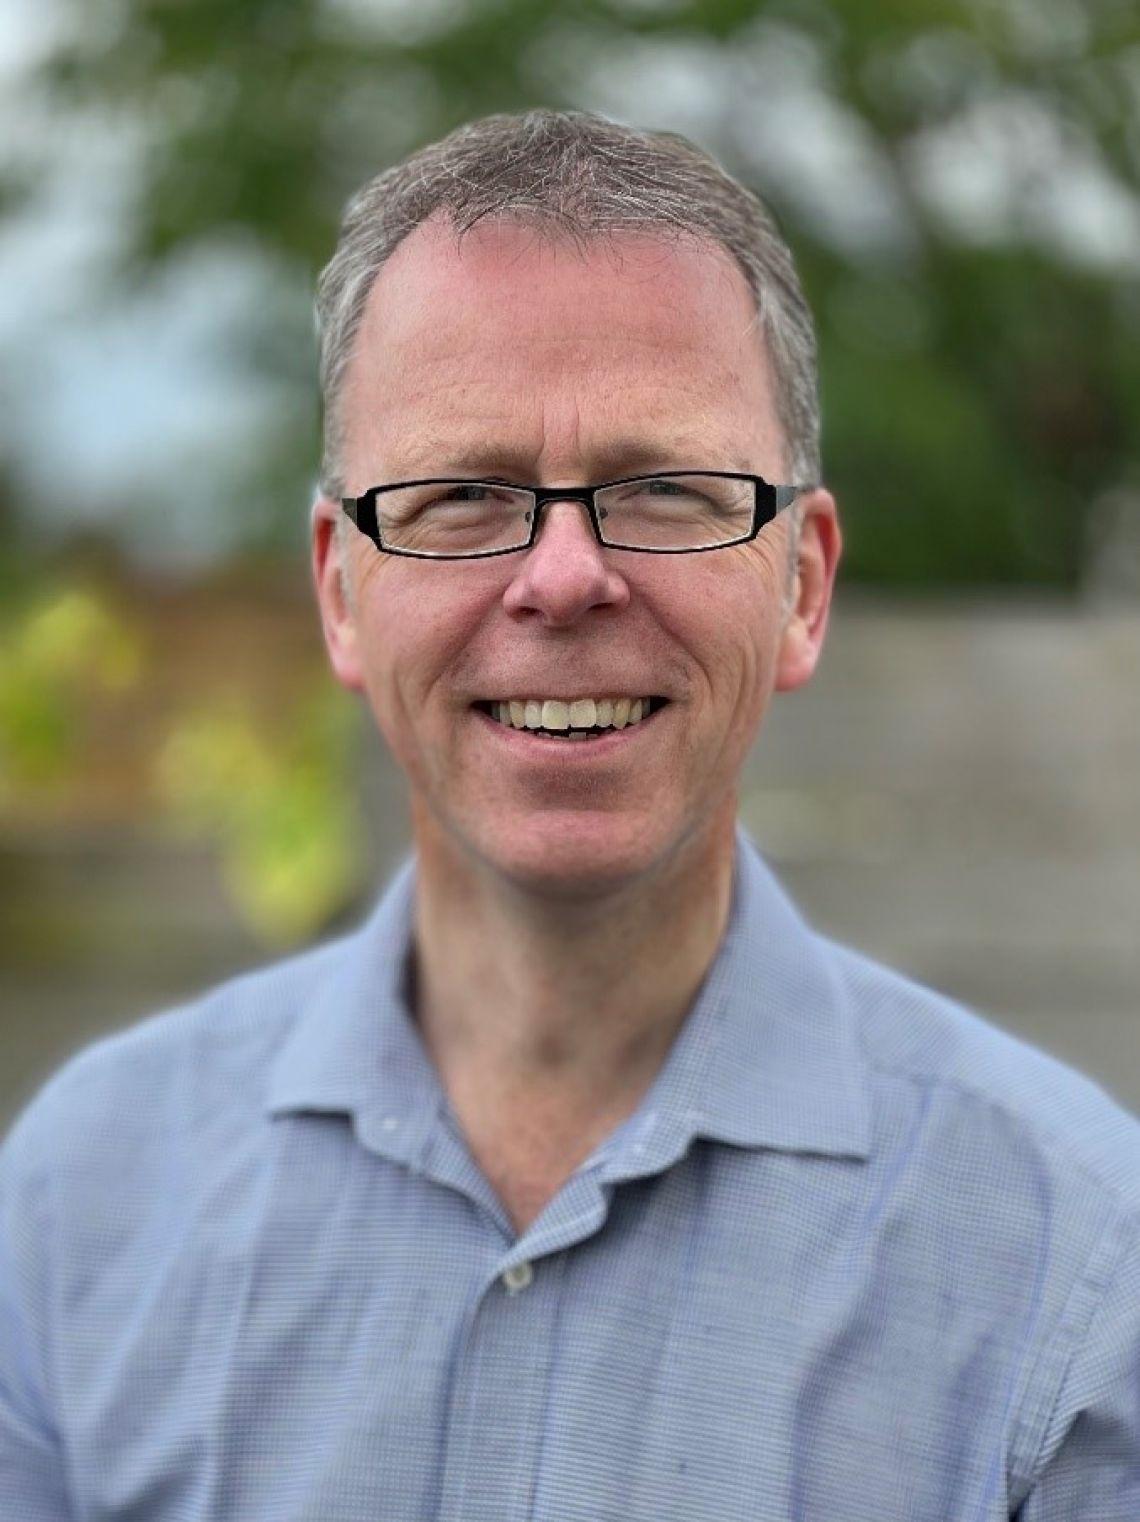 Alastair Milloy